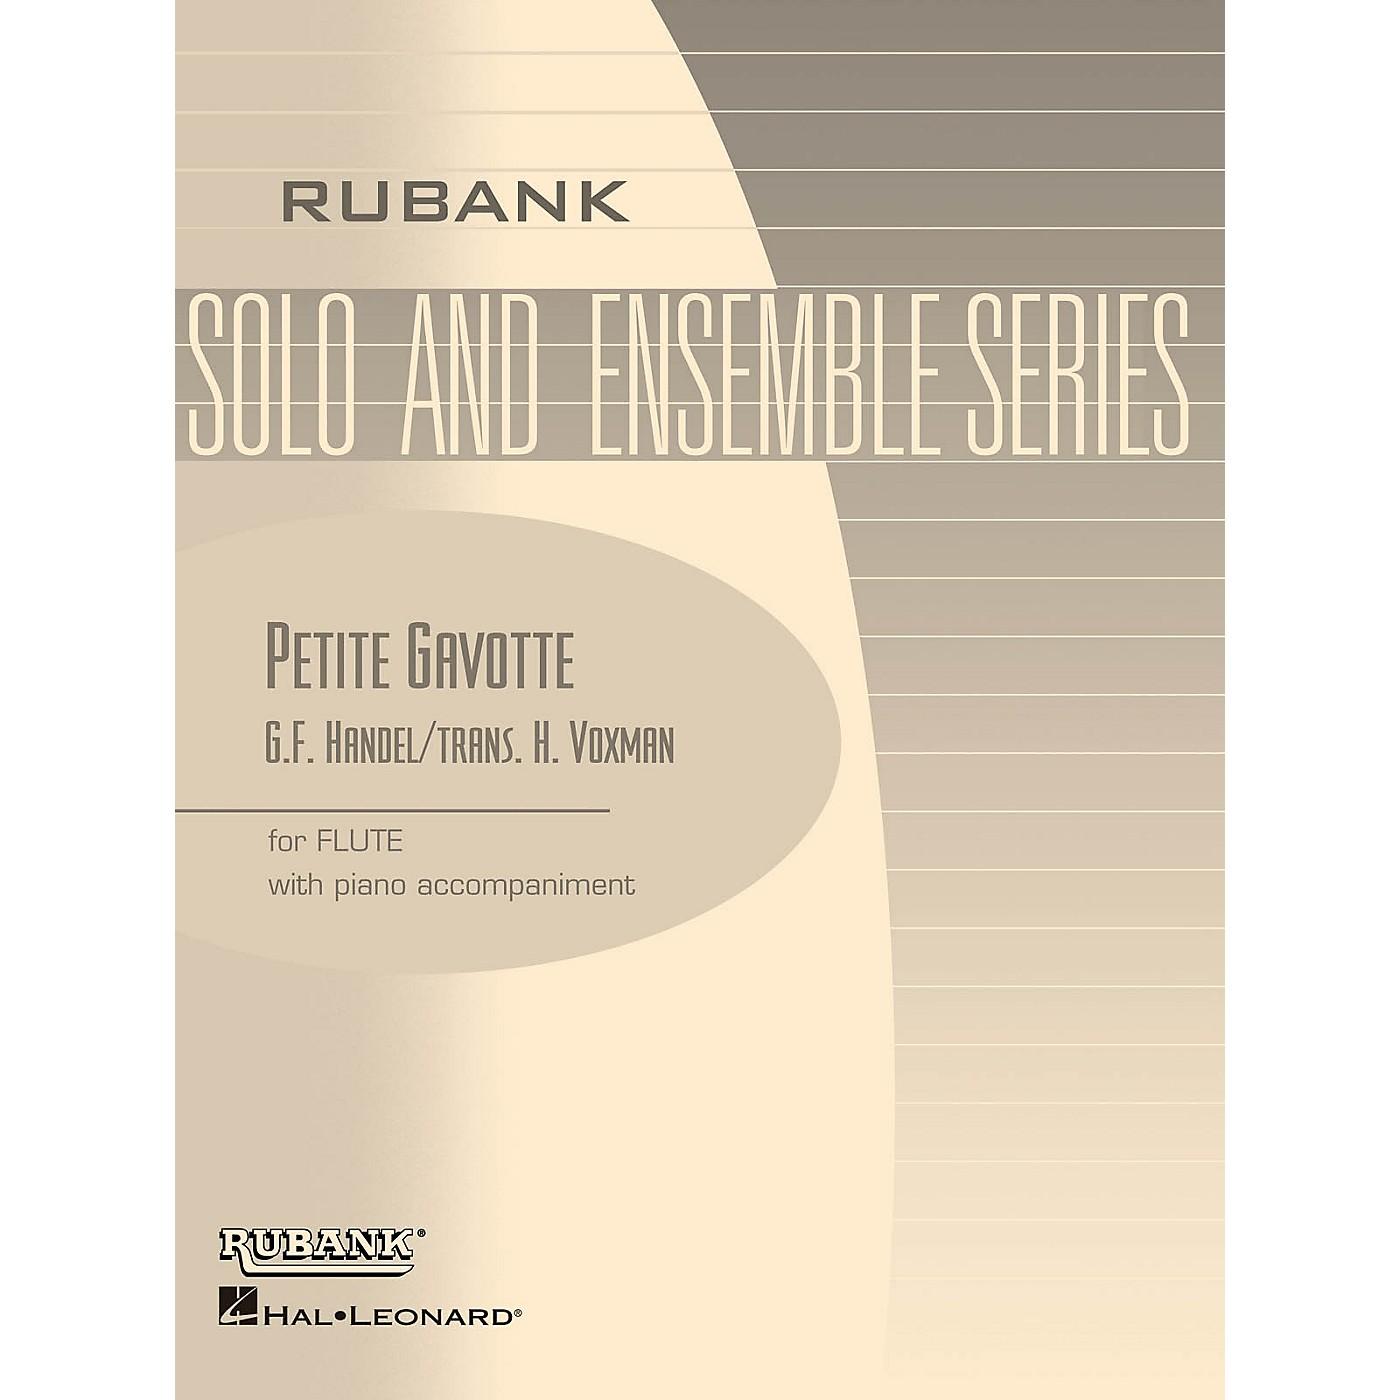 Rubank Publications Petite Gavotte (Flute Solo with Piano - Grade 1.5) Rubank Solo/Ensemble Sheet Series thumbnail